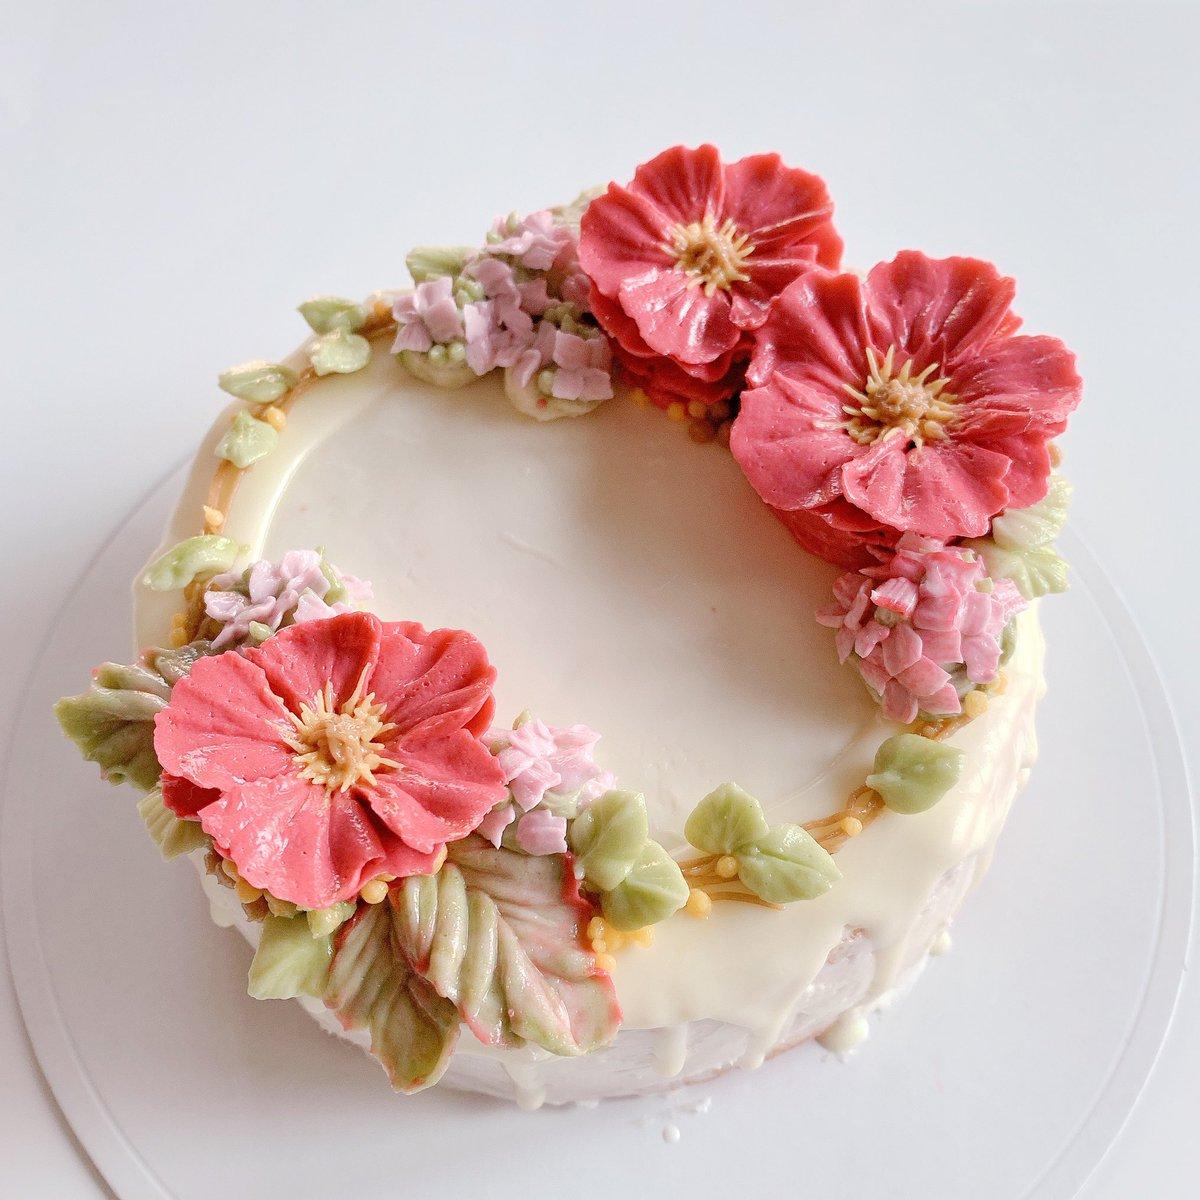 バタークリームで花のケーキ作りました!!ひまわりはチーズ💪🏻